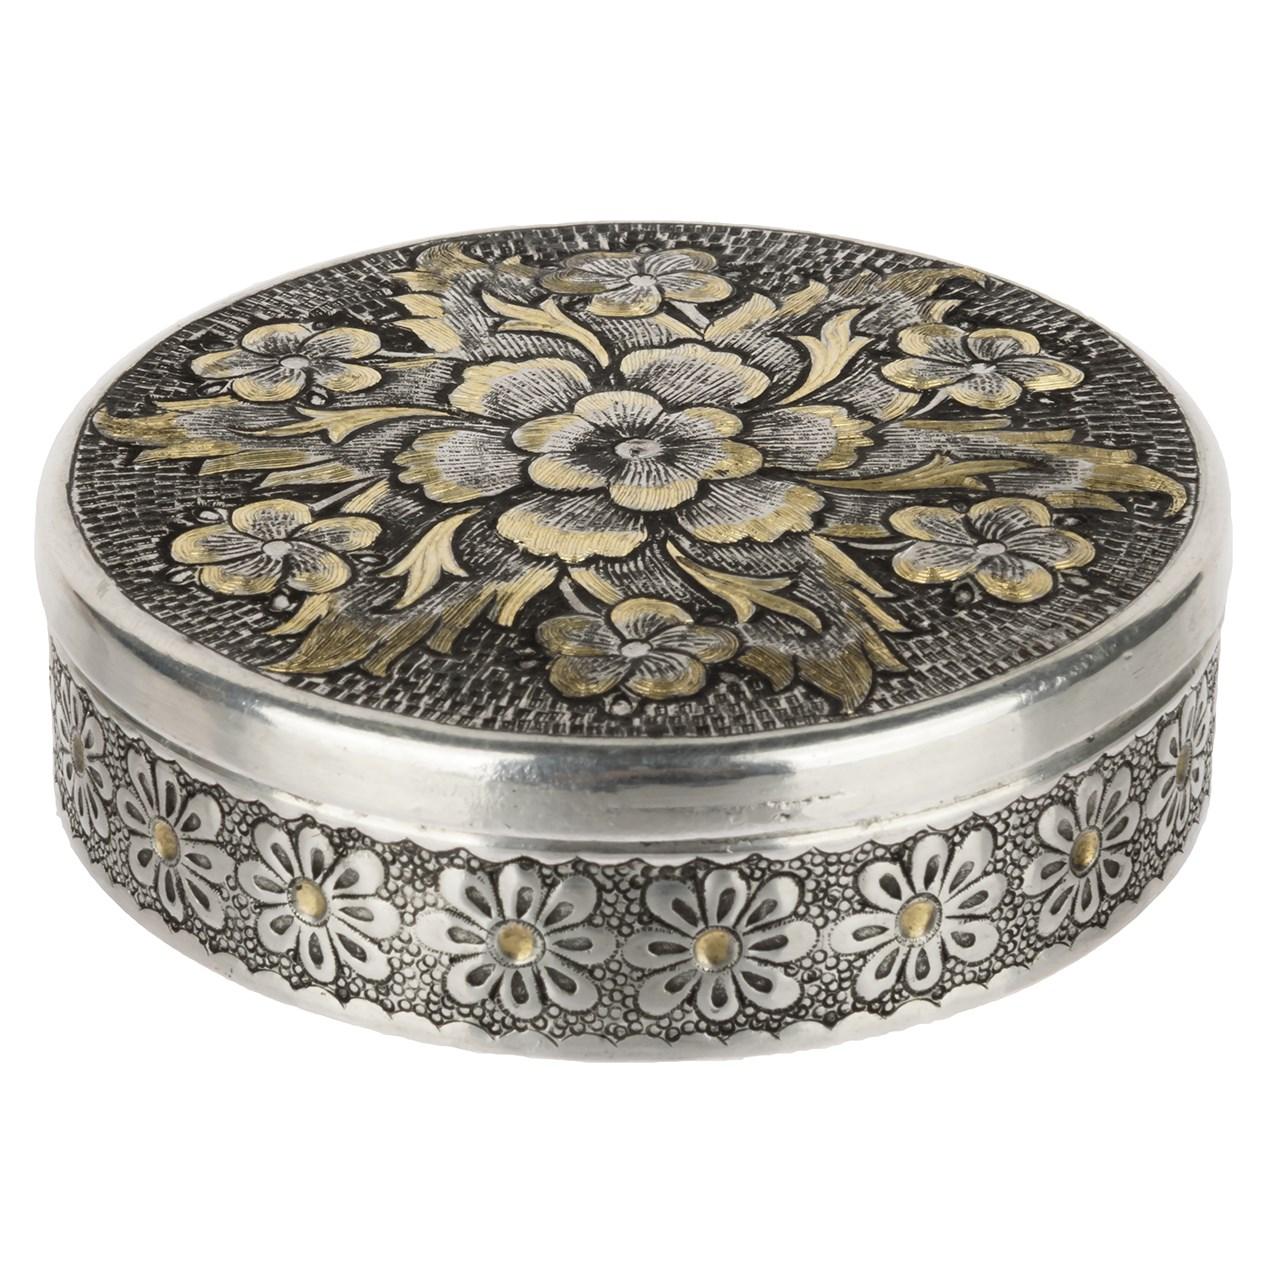 جعبه جواهرات قلمزنی اثر خرم نژاد مدل دایره ای طرح گل